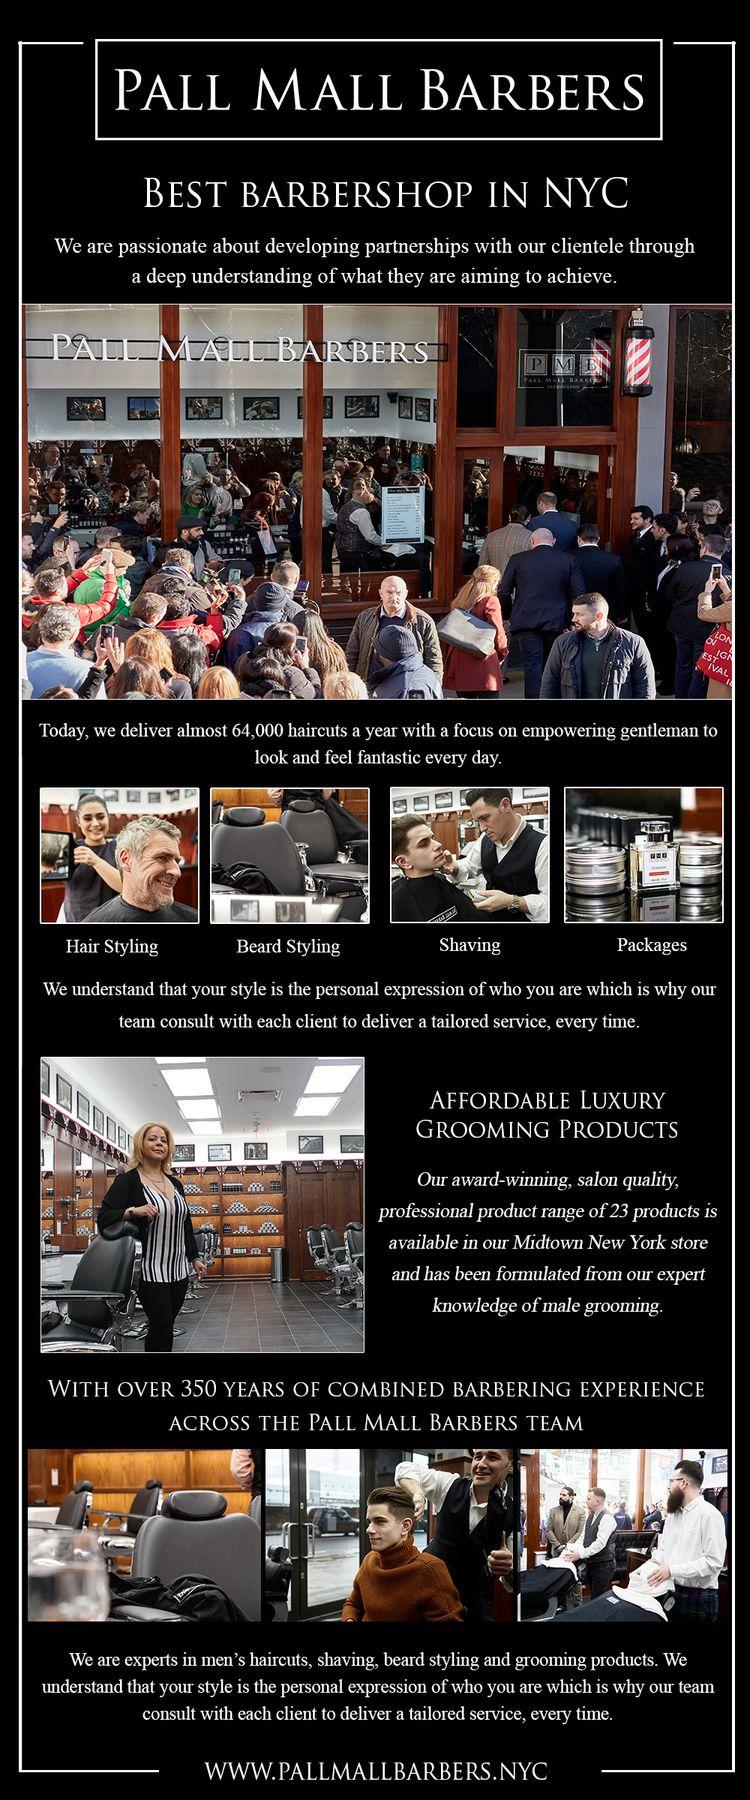 Barbershop NYC Barbershops work - barbershopmidtown | ello